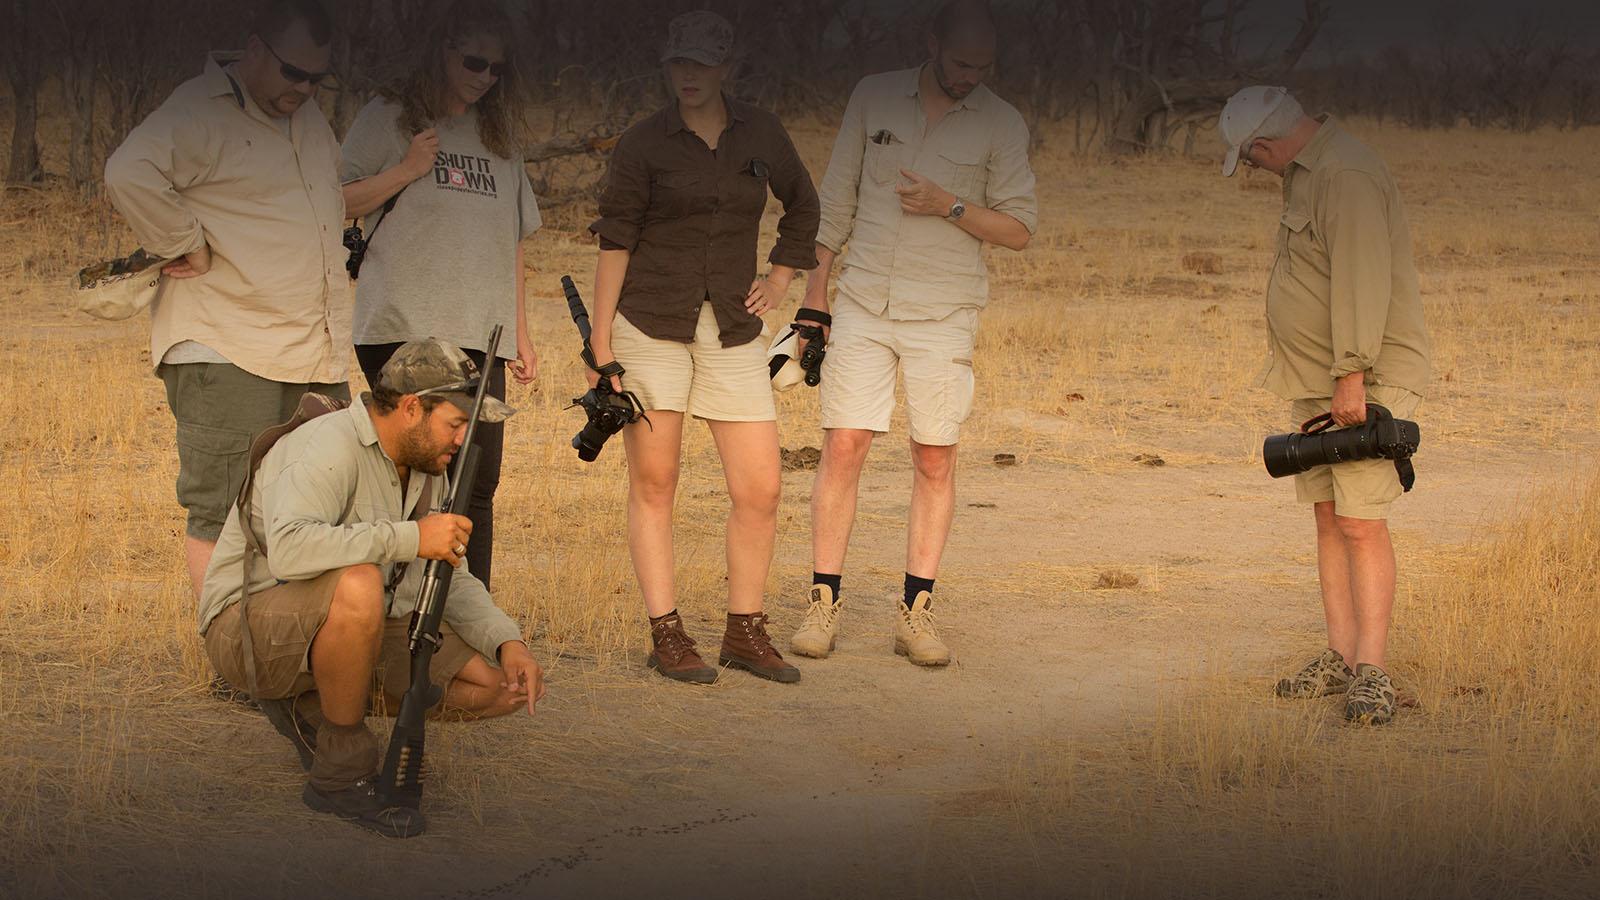 camp hwange hwange-national-park-zimbabwe-lodges-tracking